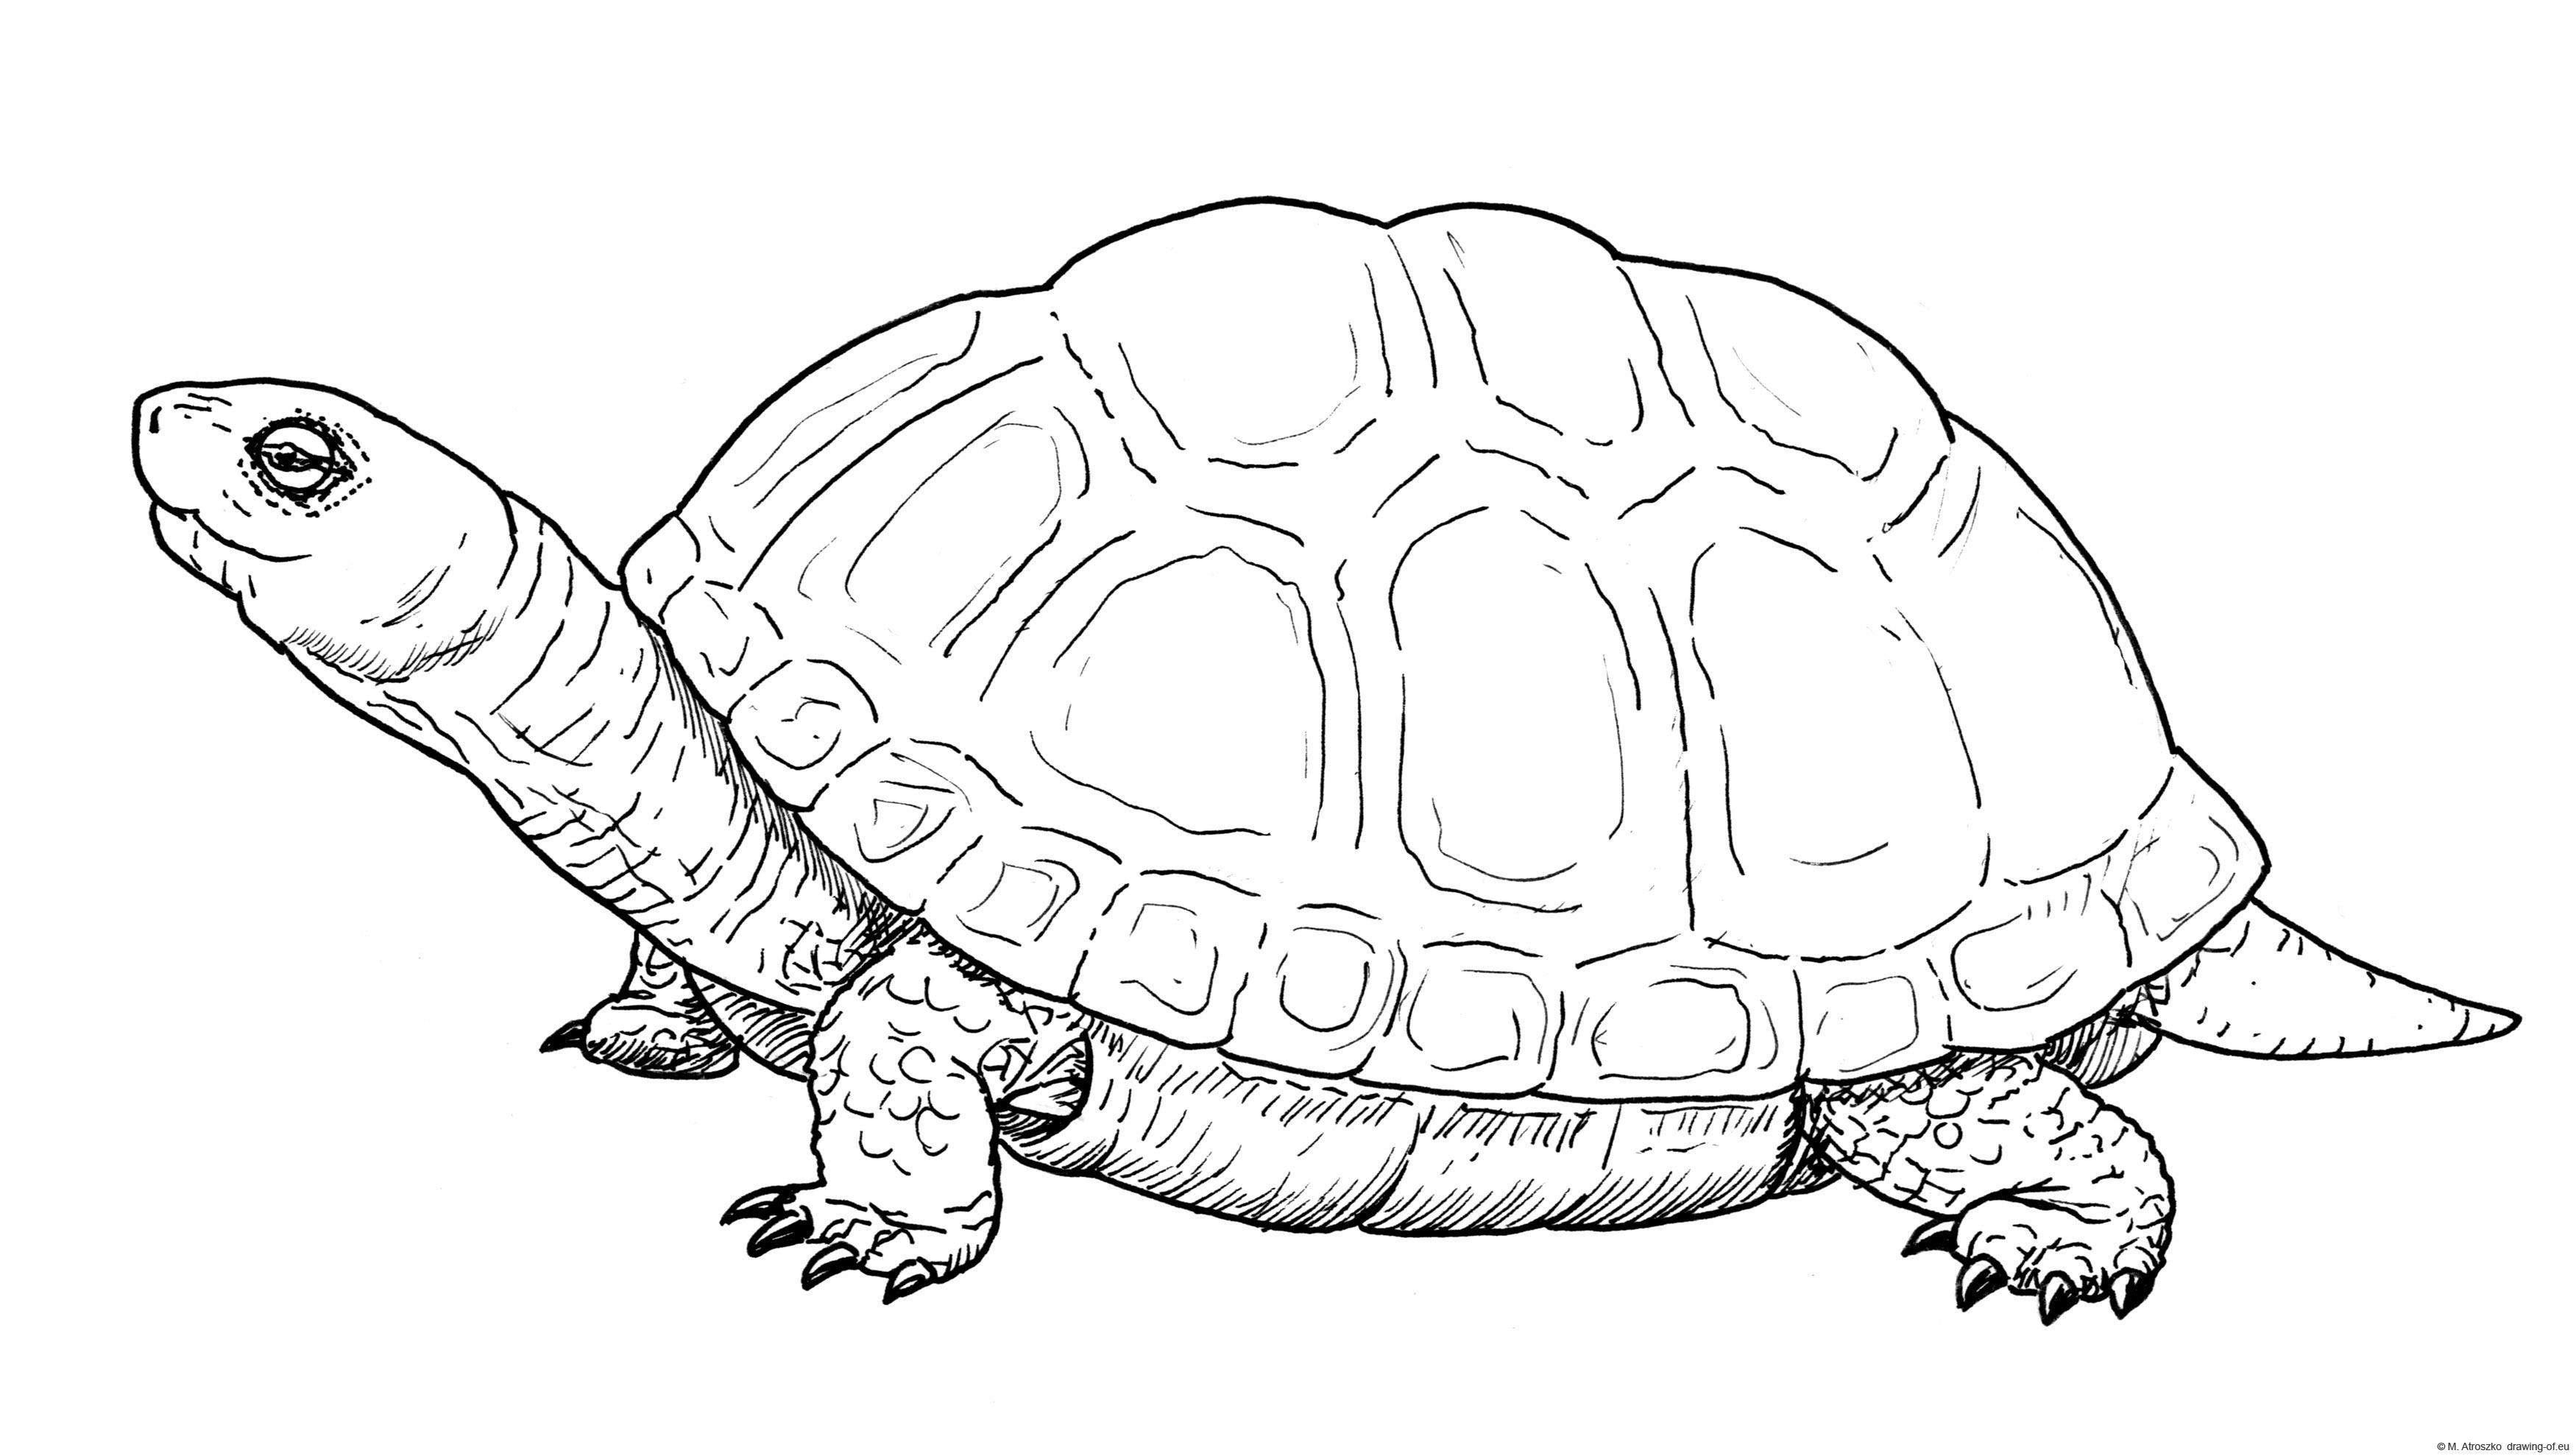 Dibujo de tortuga